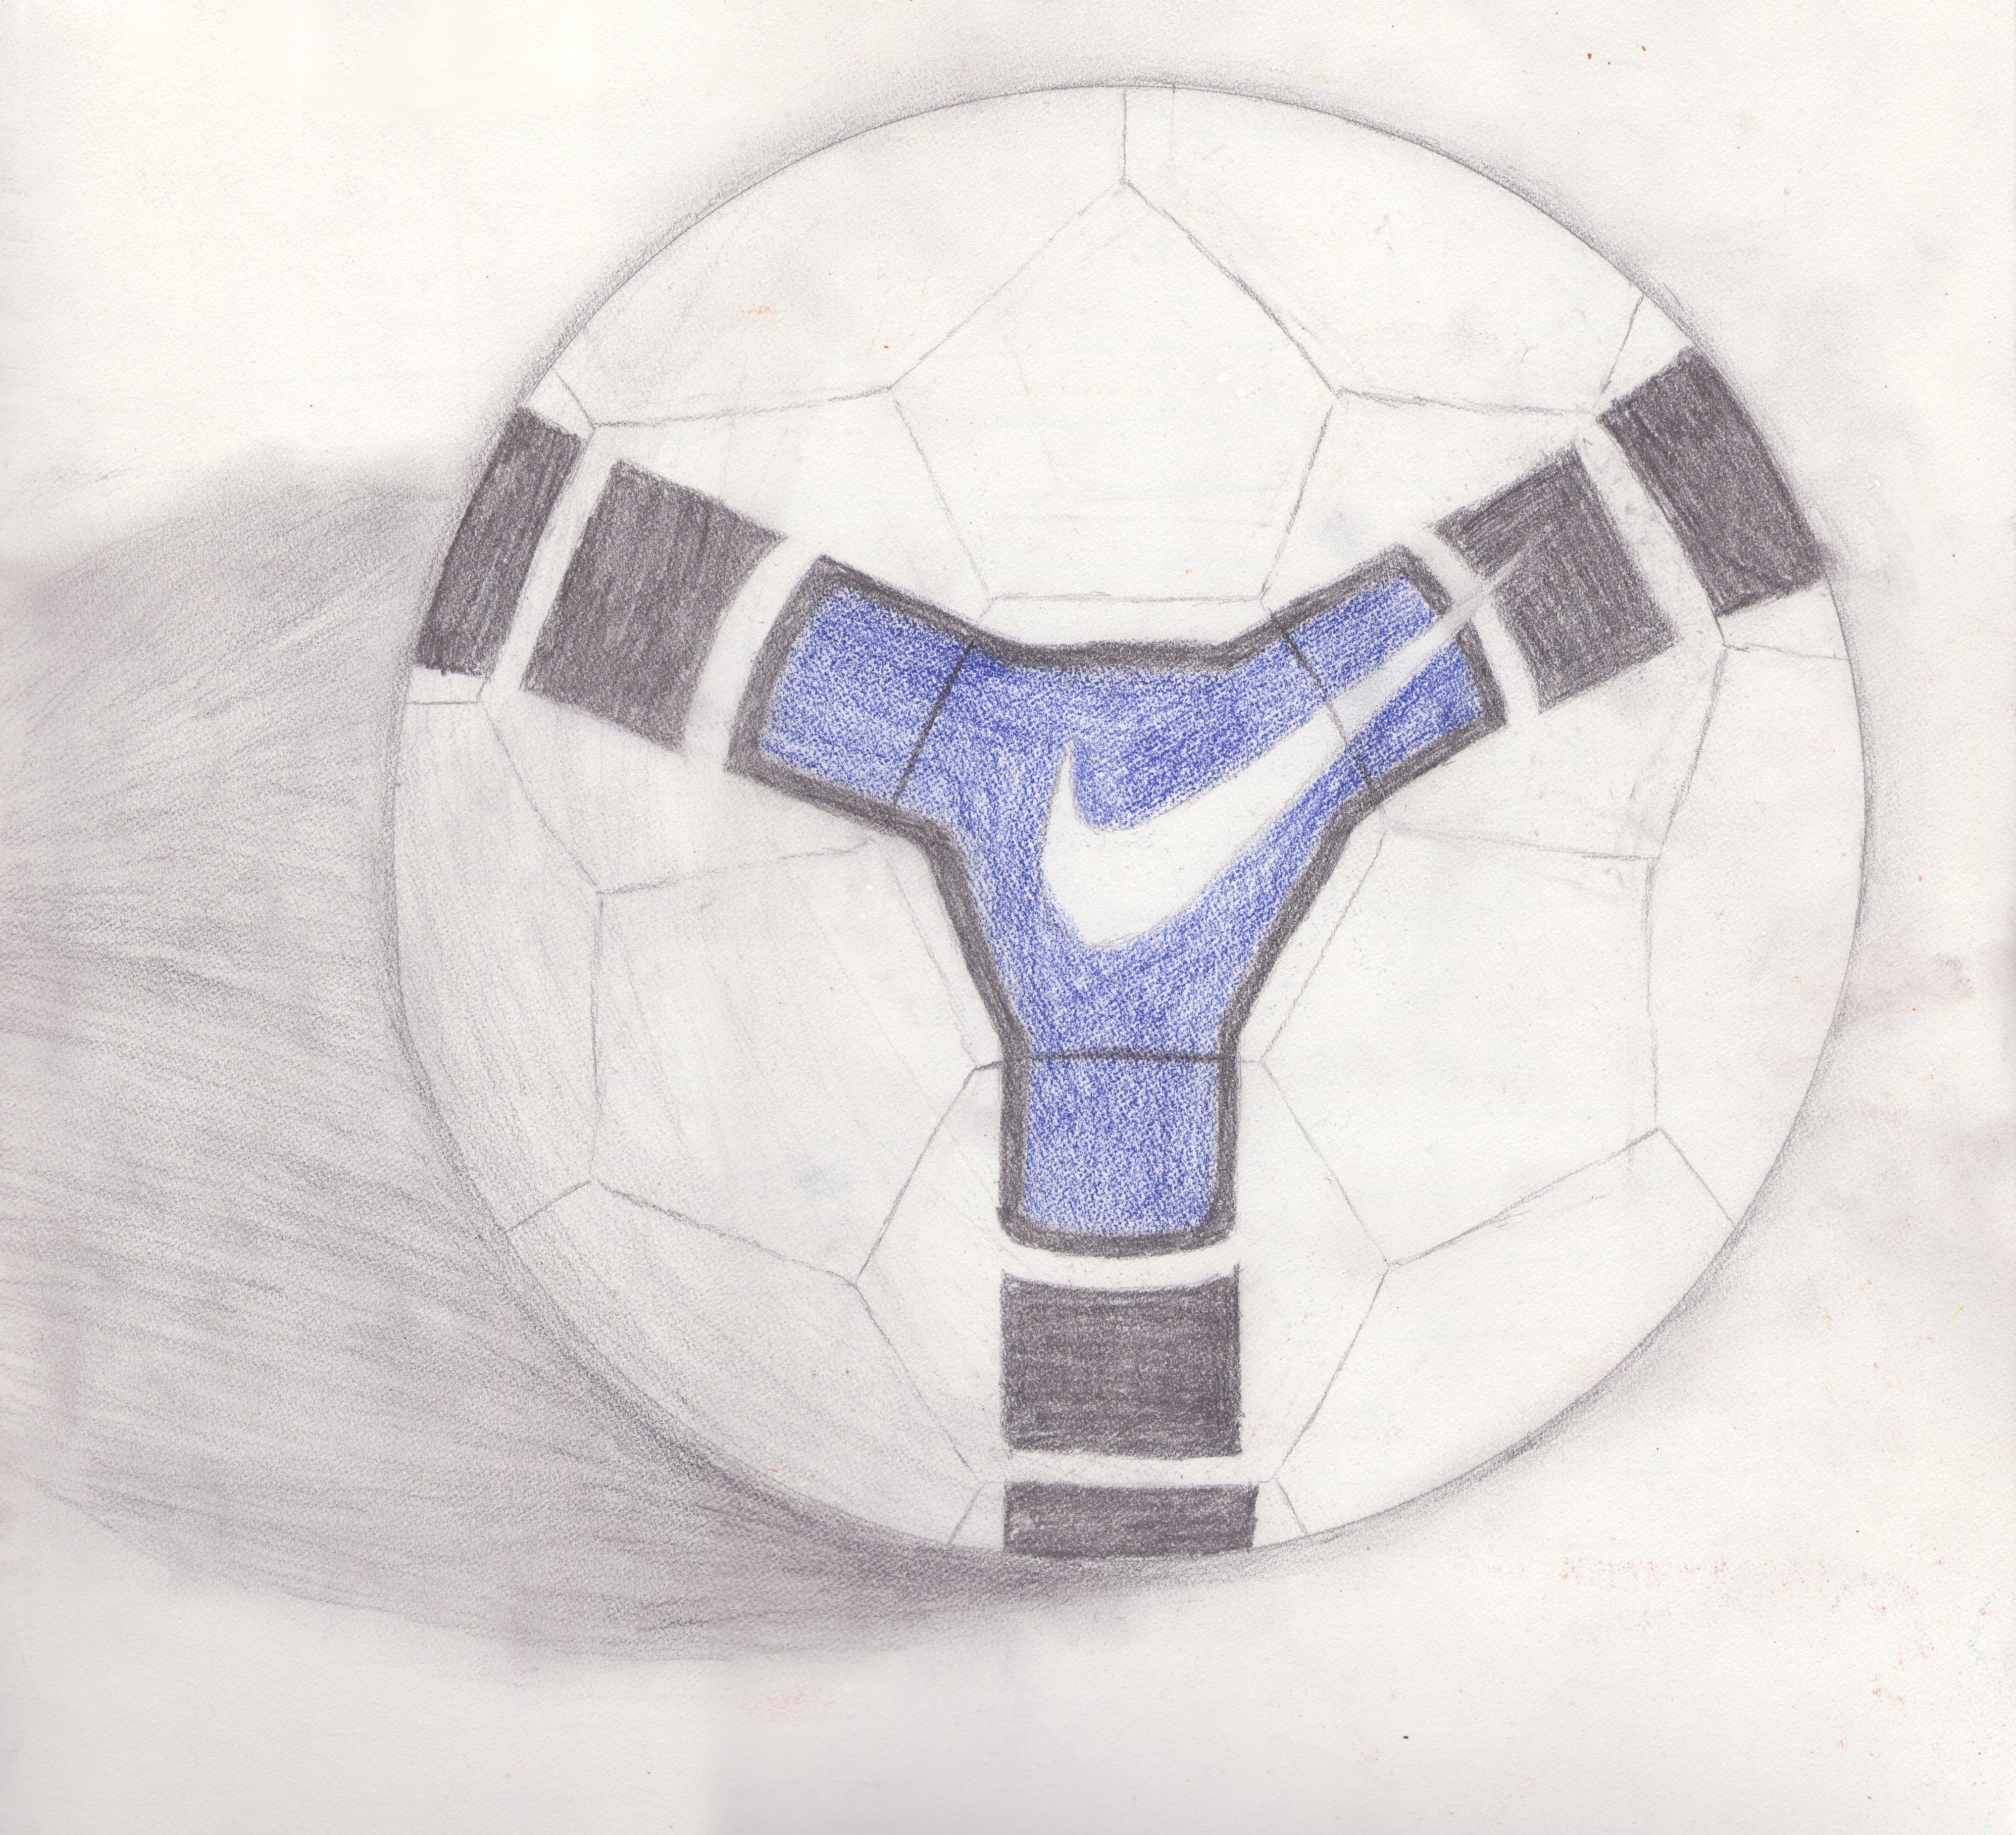 Soccer ball by Fireater989 on DeviantArt